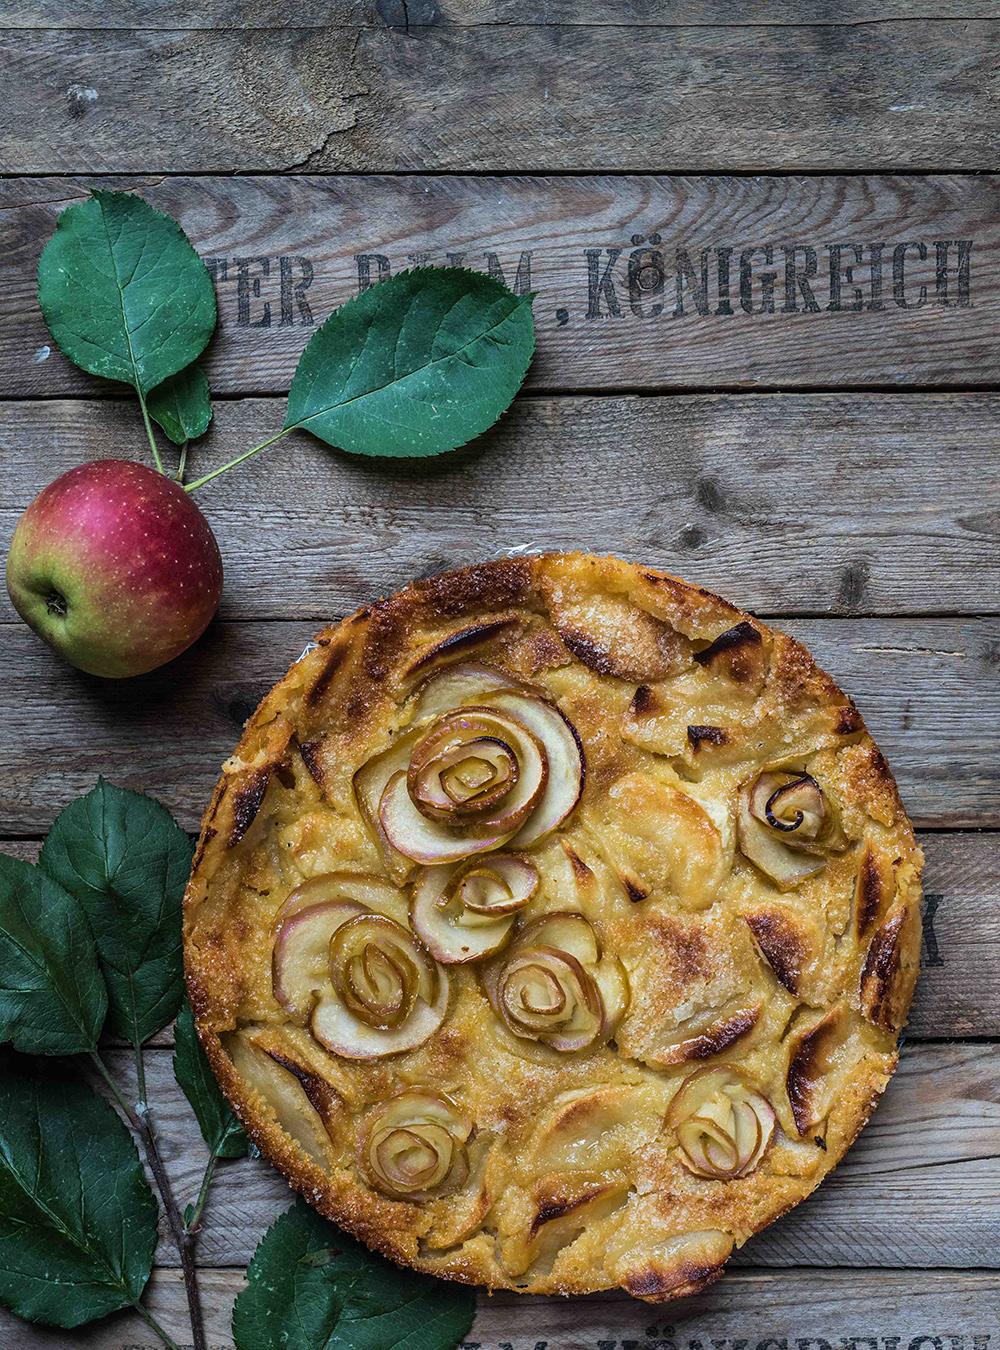 Torta di Mele oder mein bester und schnellster italienischer Apfelkuchen